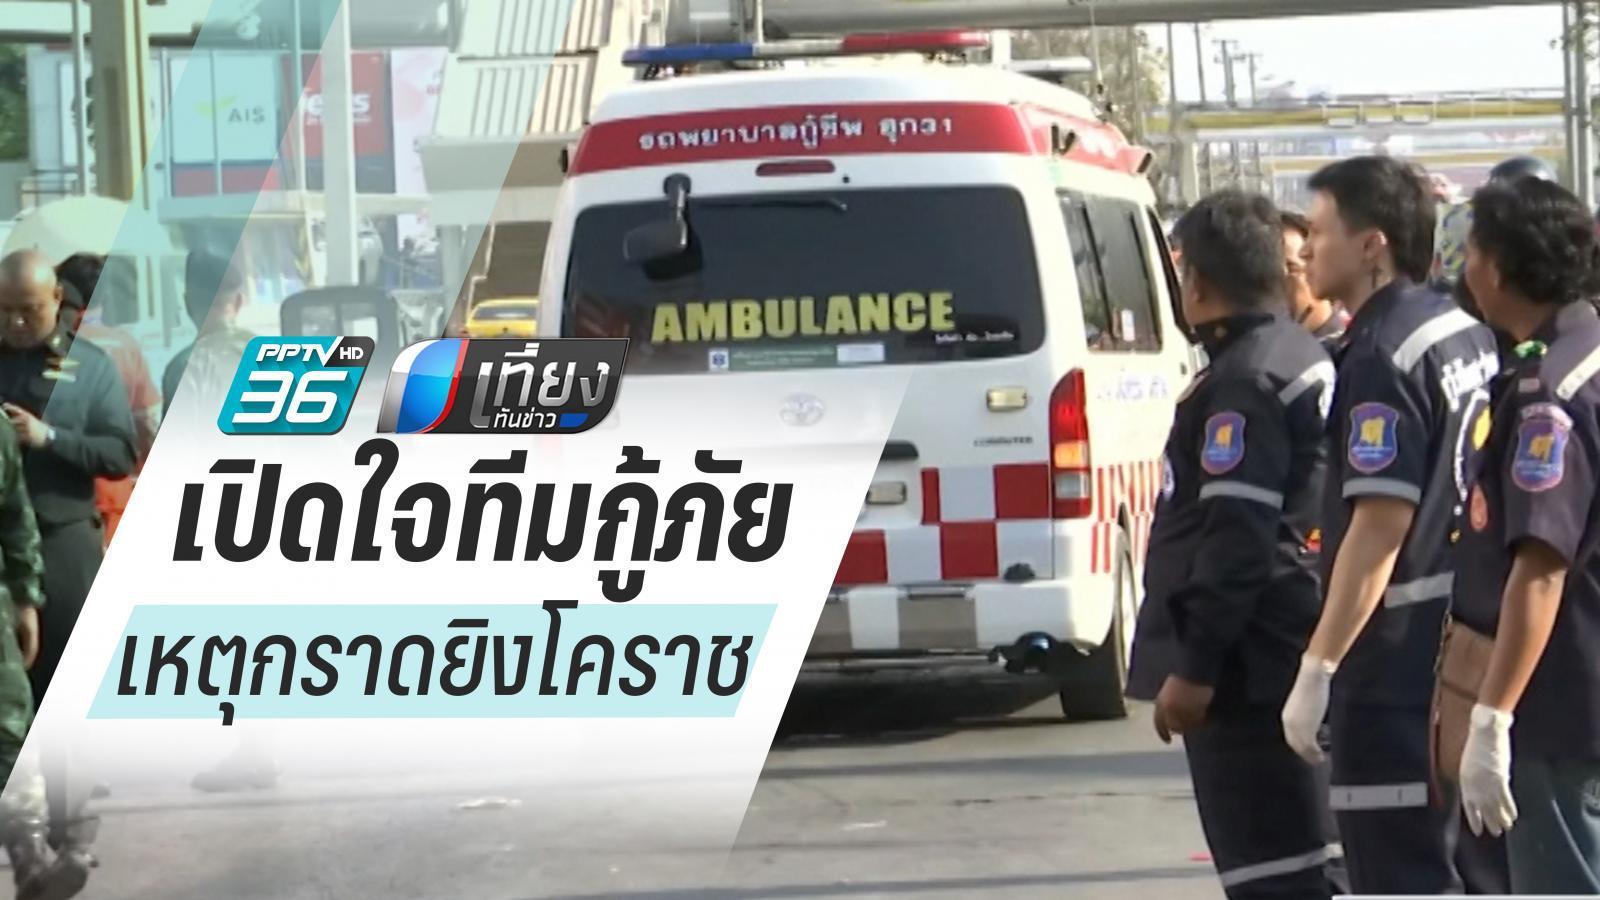 เปิดใจหัวหน้าทีมกู้ภัยช่วยเหลือประชาชนเหตุกราดยิงโคราช